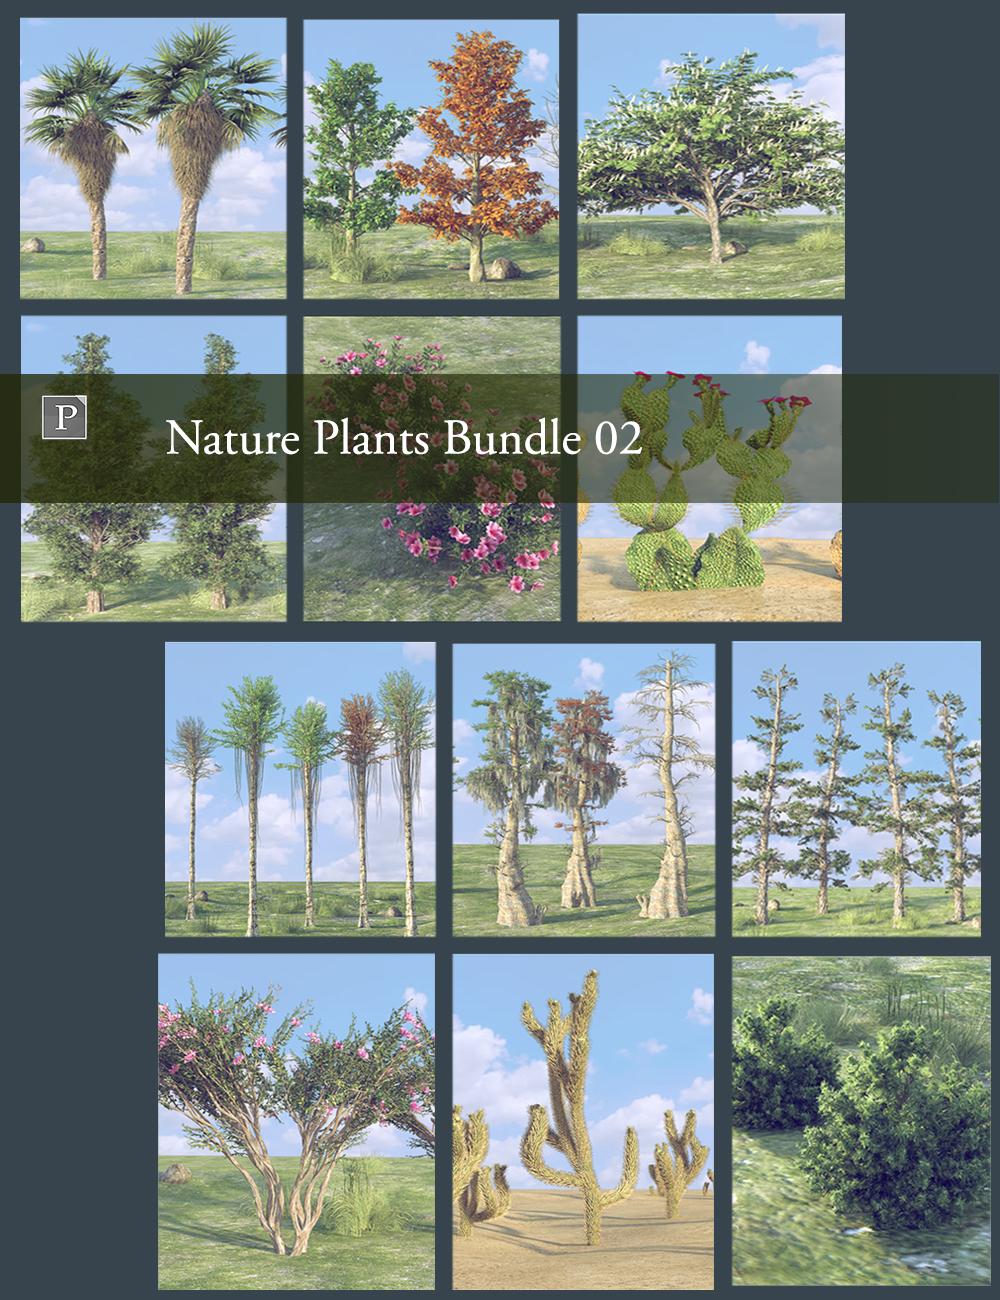 Nature Plants Bundle 02 by: Polish, 3D Models by Daz 3D